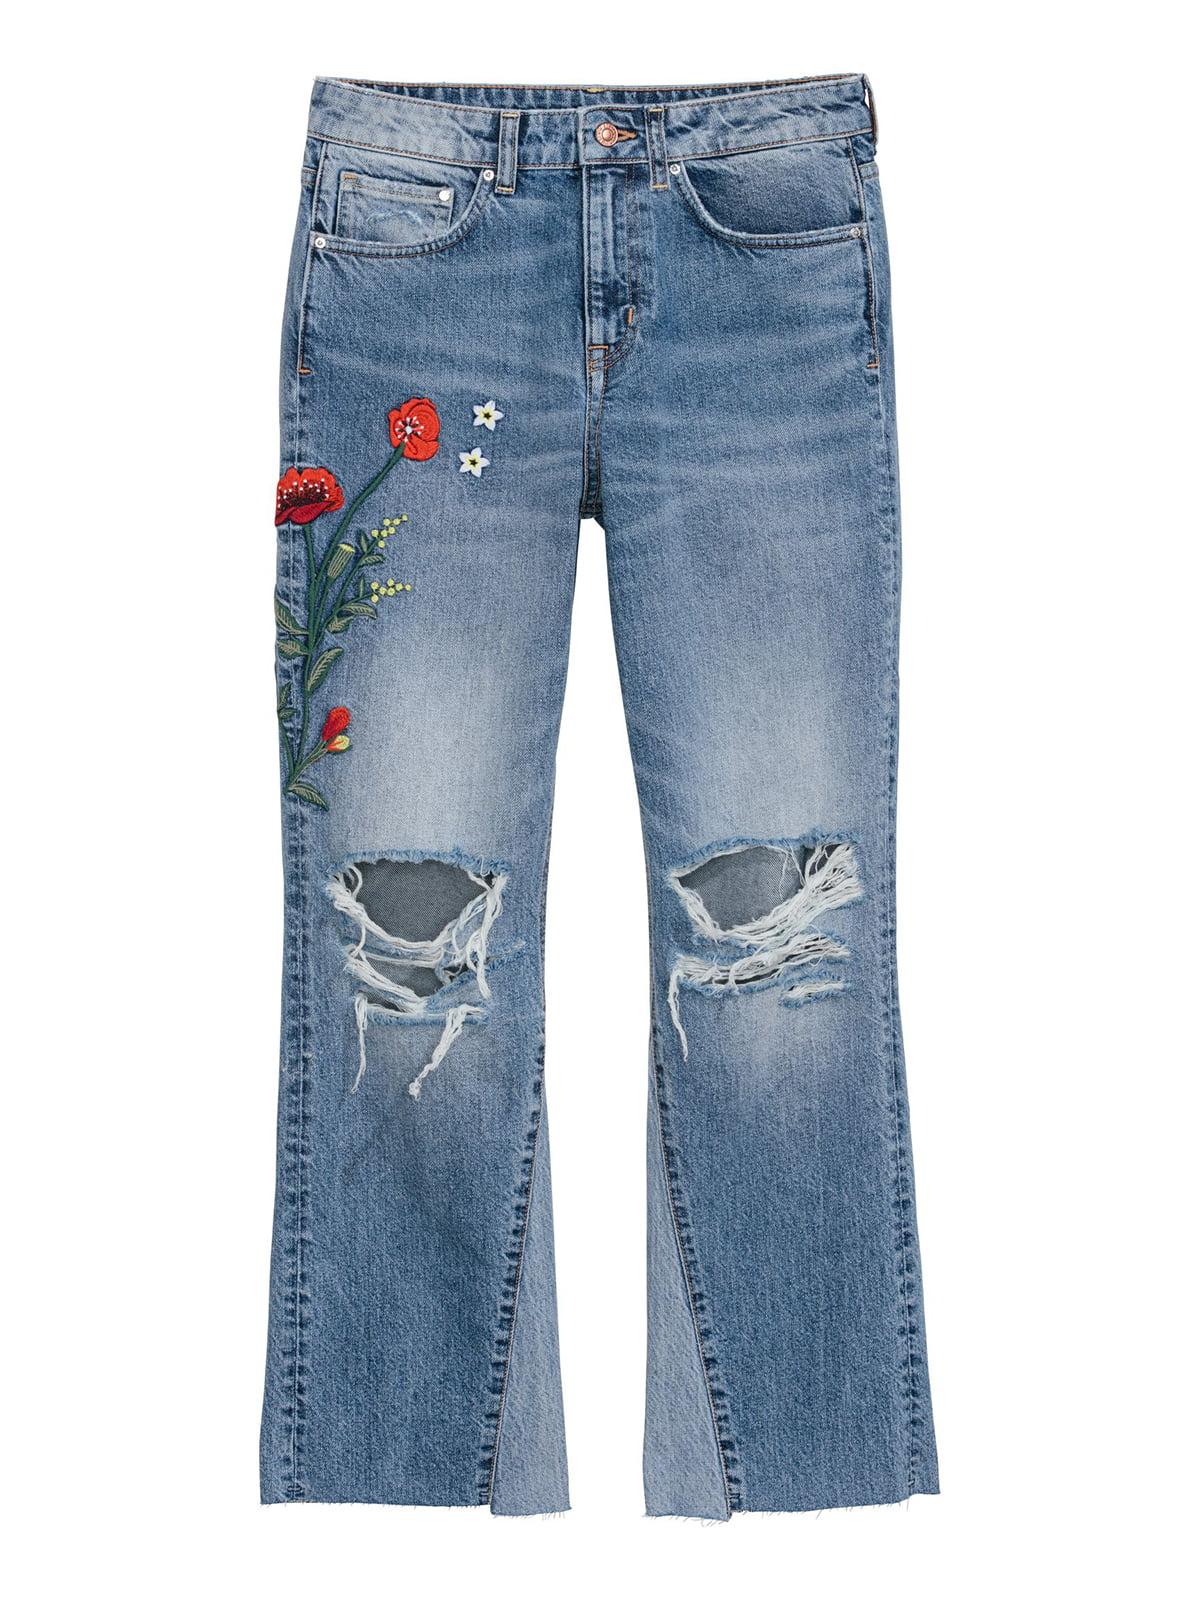 Джинсы синие с цветочной вышивкой   5612967